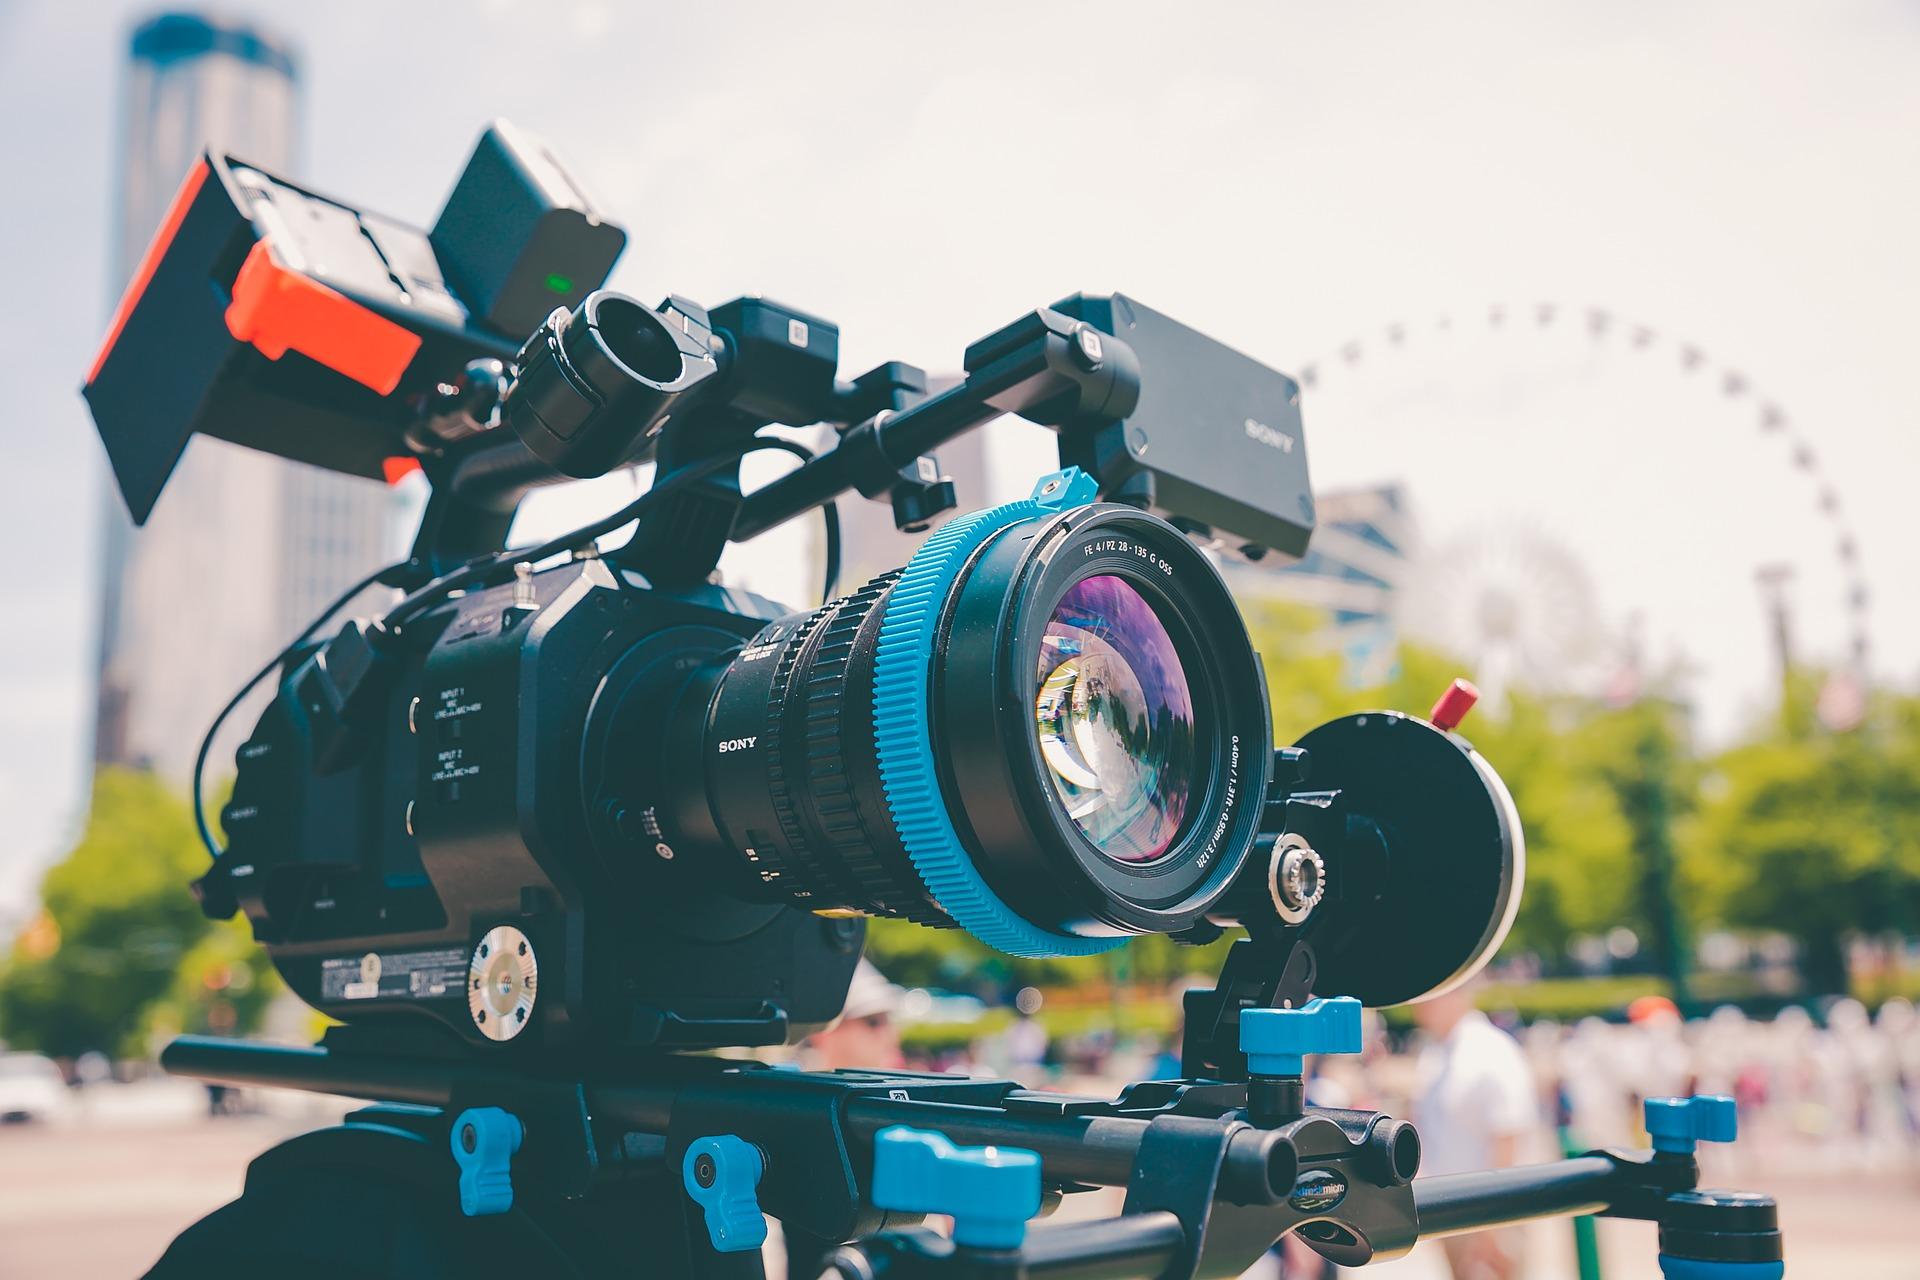 camera-1838936_1920.jpg